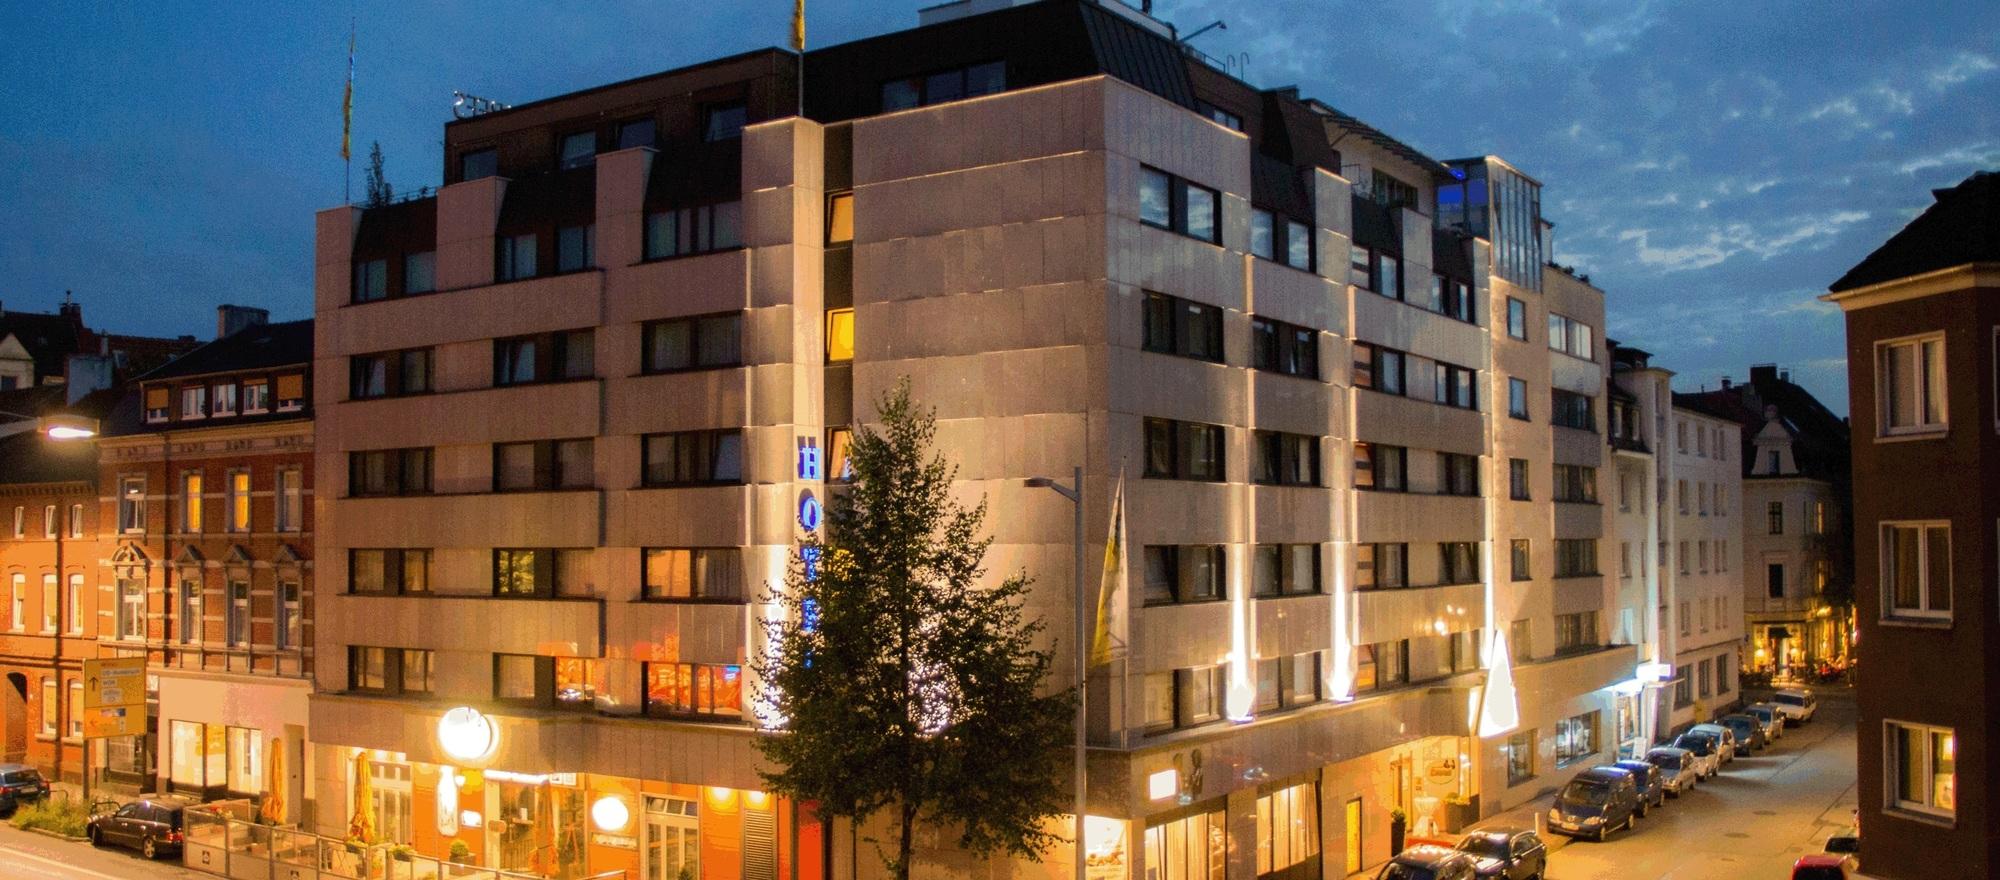 Weihnachtsessen Dortmund.Ringhotel Drees In Dortmund Nordrhein Westfalen Ringhotels